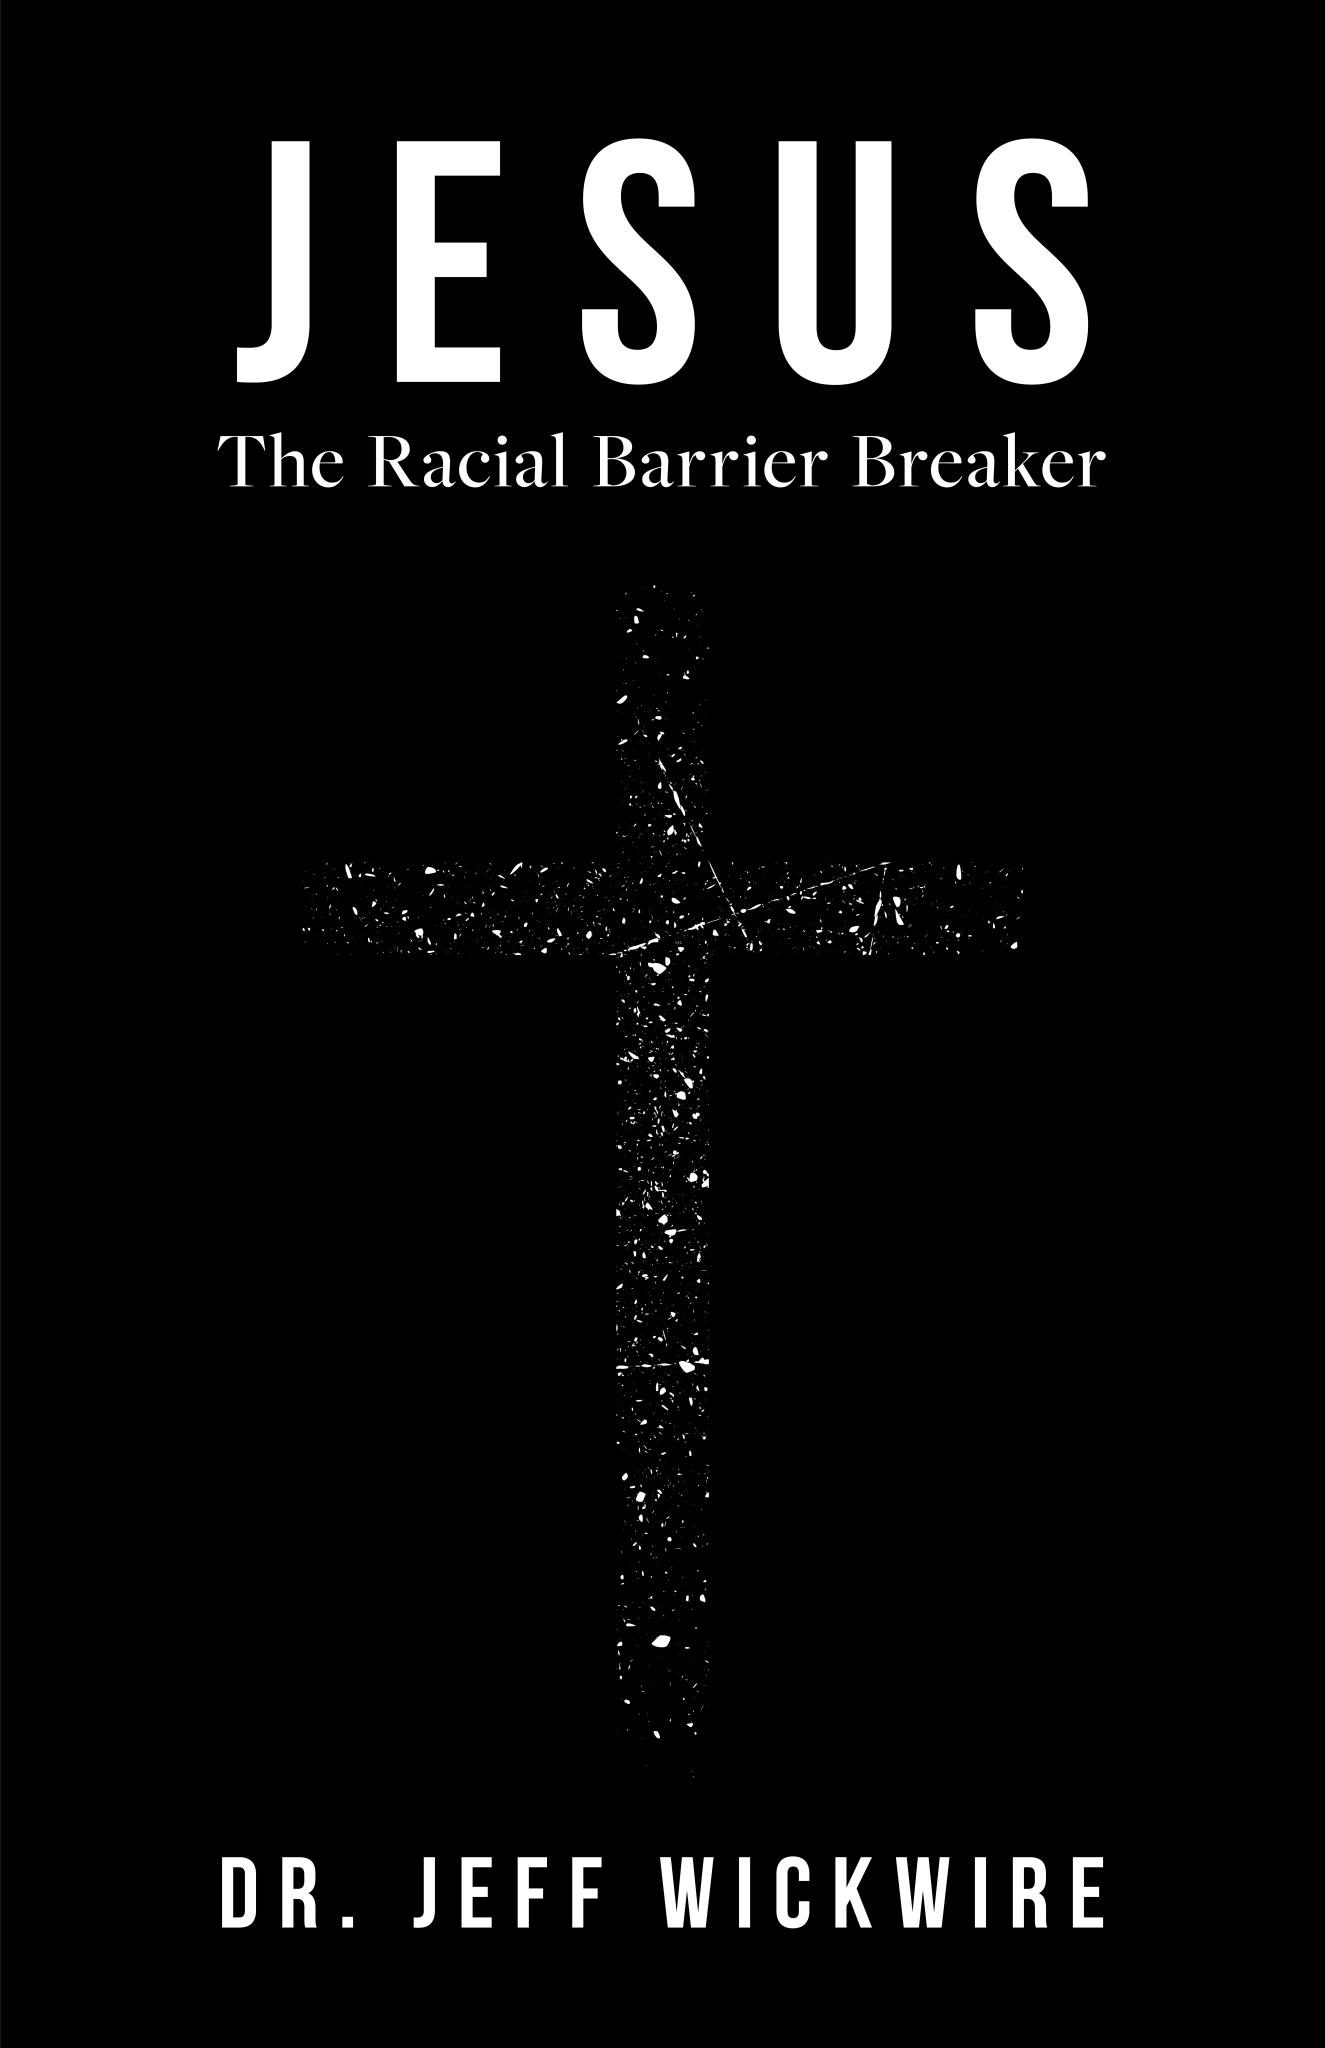 Books Jesus The Racial Barrier Breaker By Dr. Jeff Wickwire